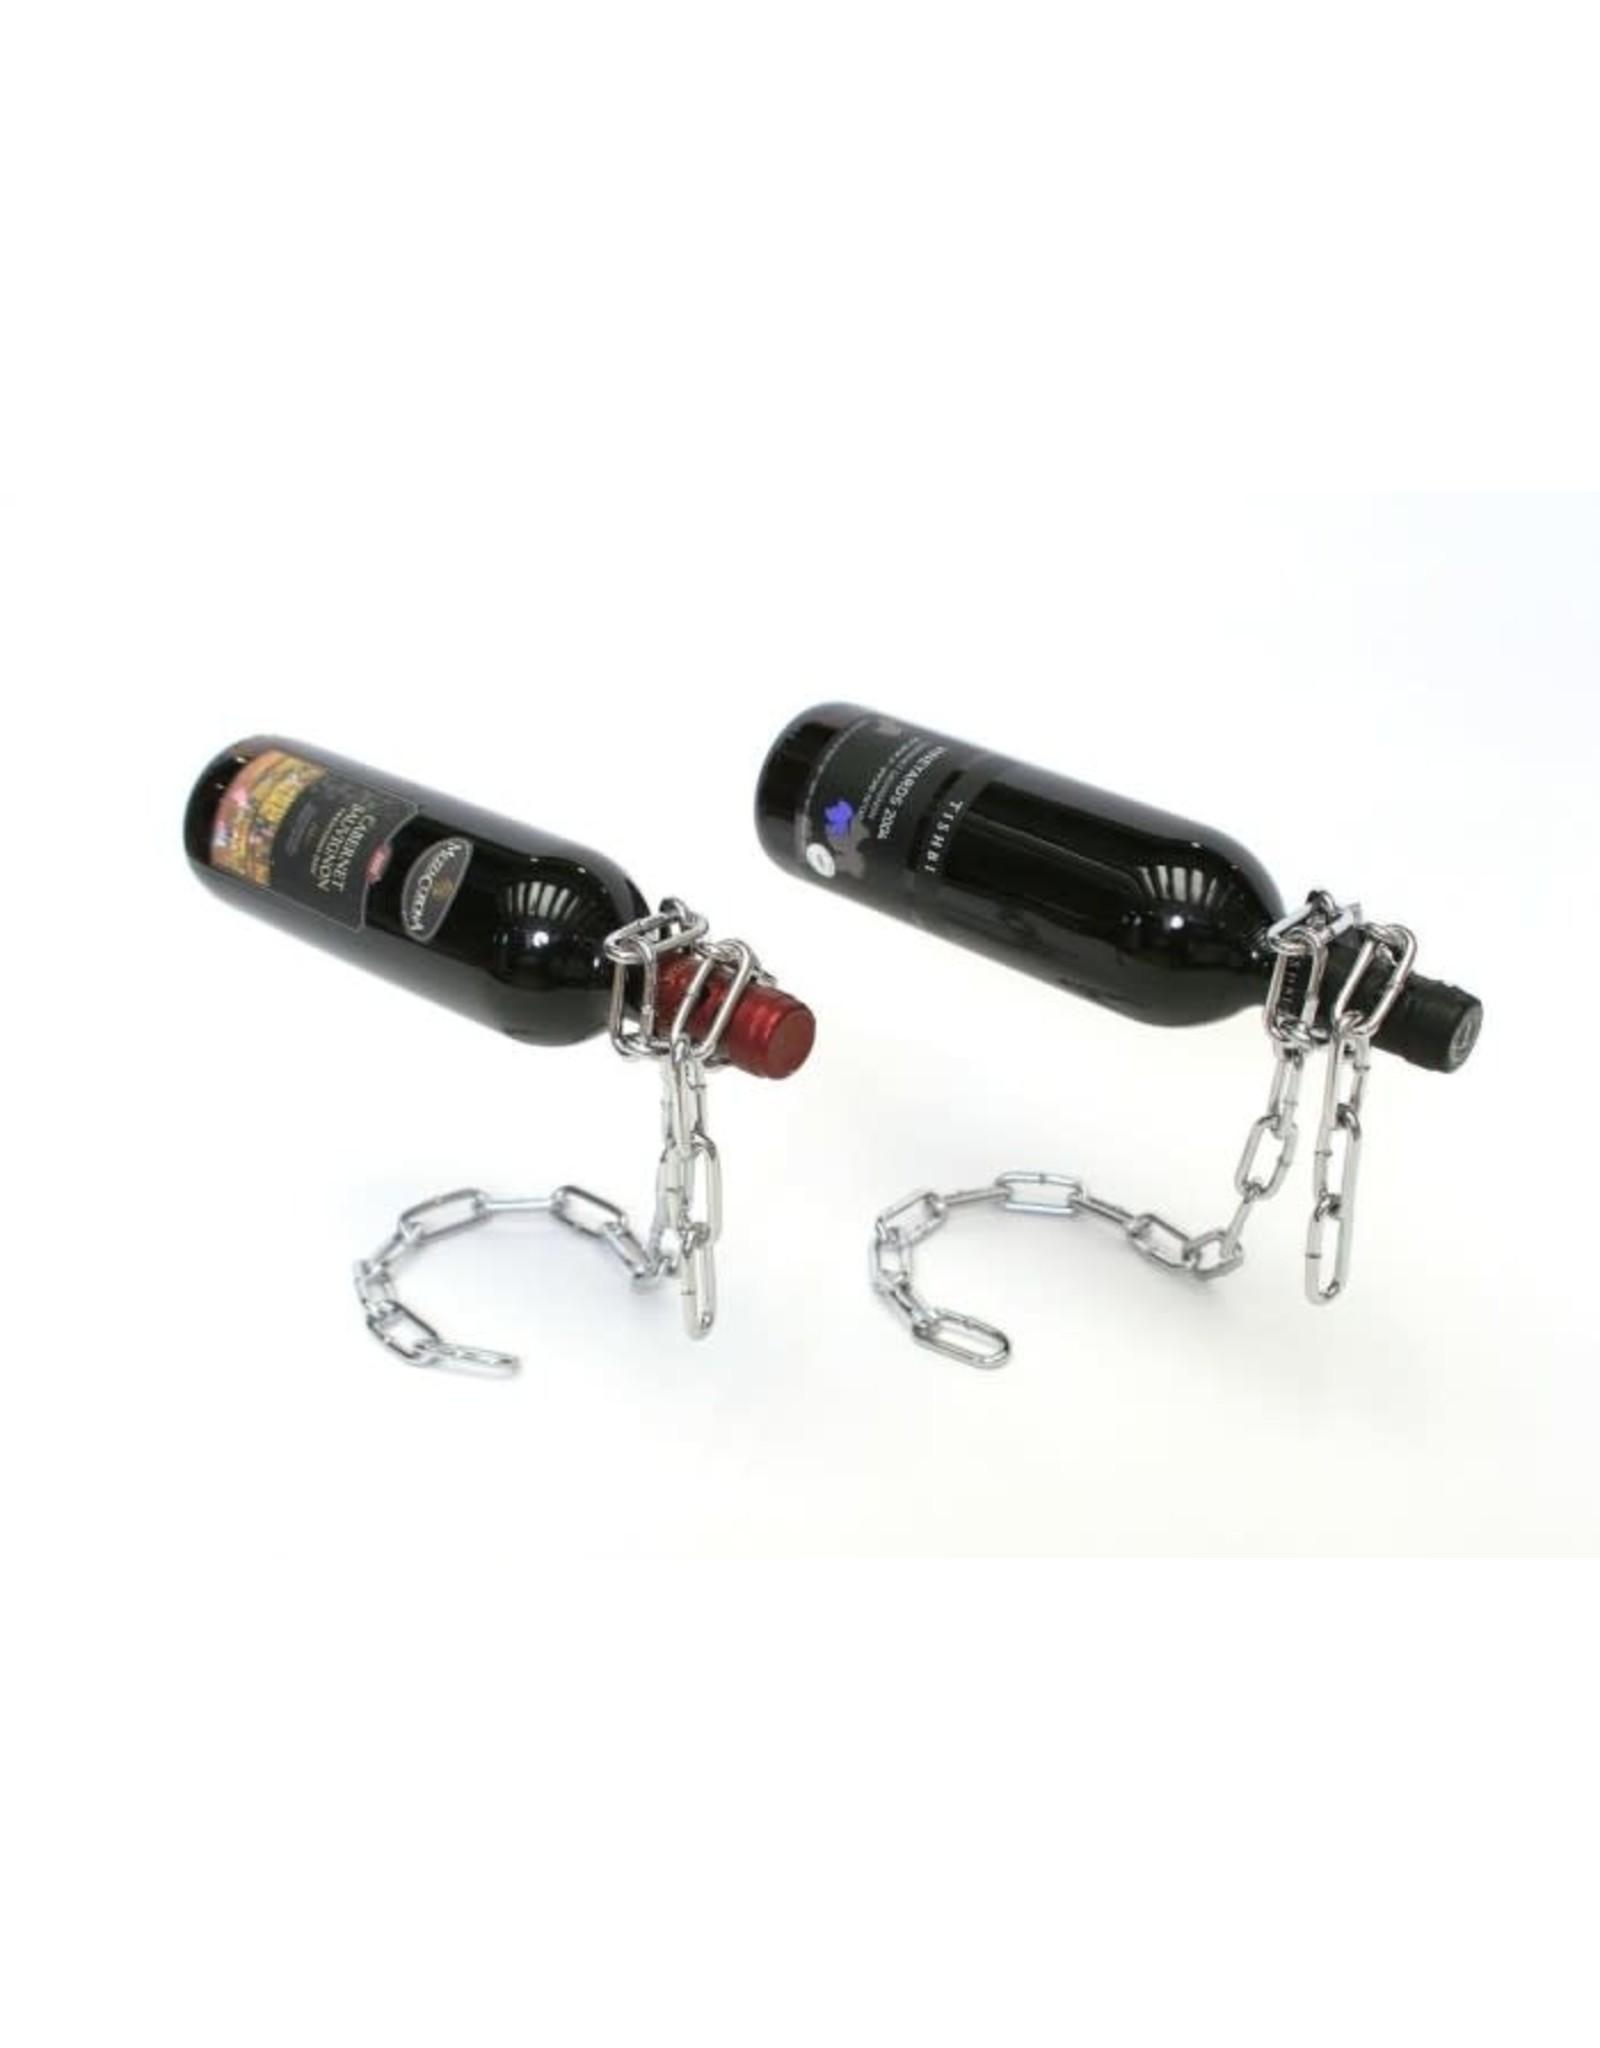 Peleg Design design bottle holder as a floating chain